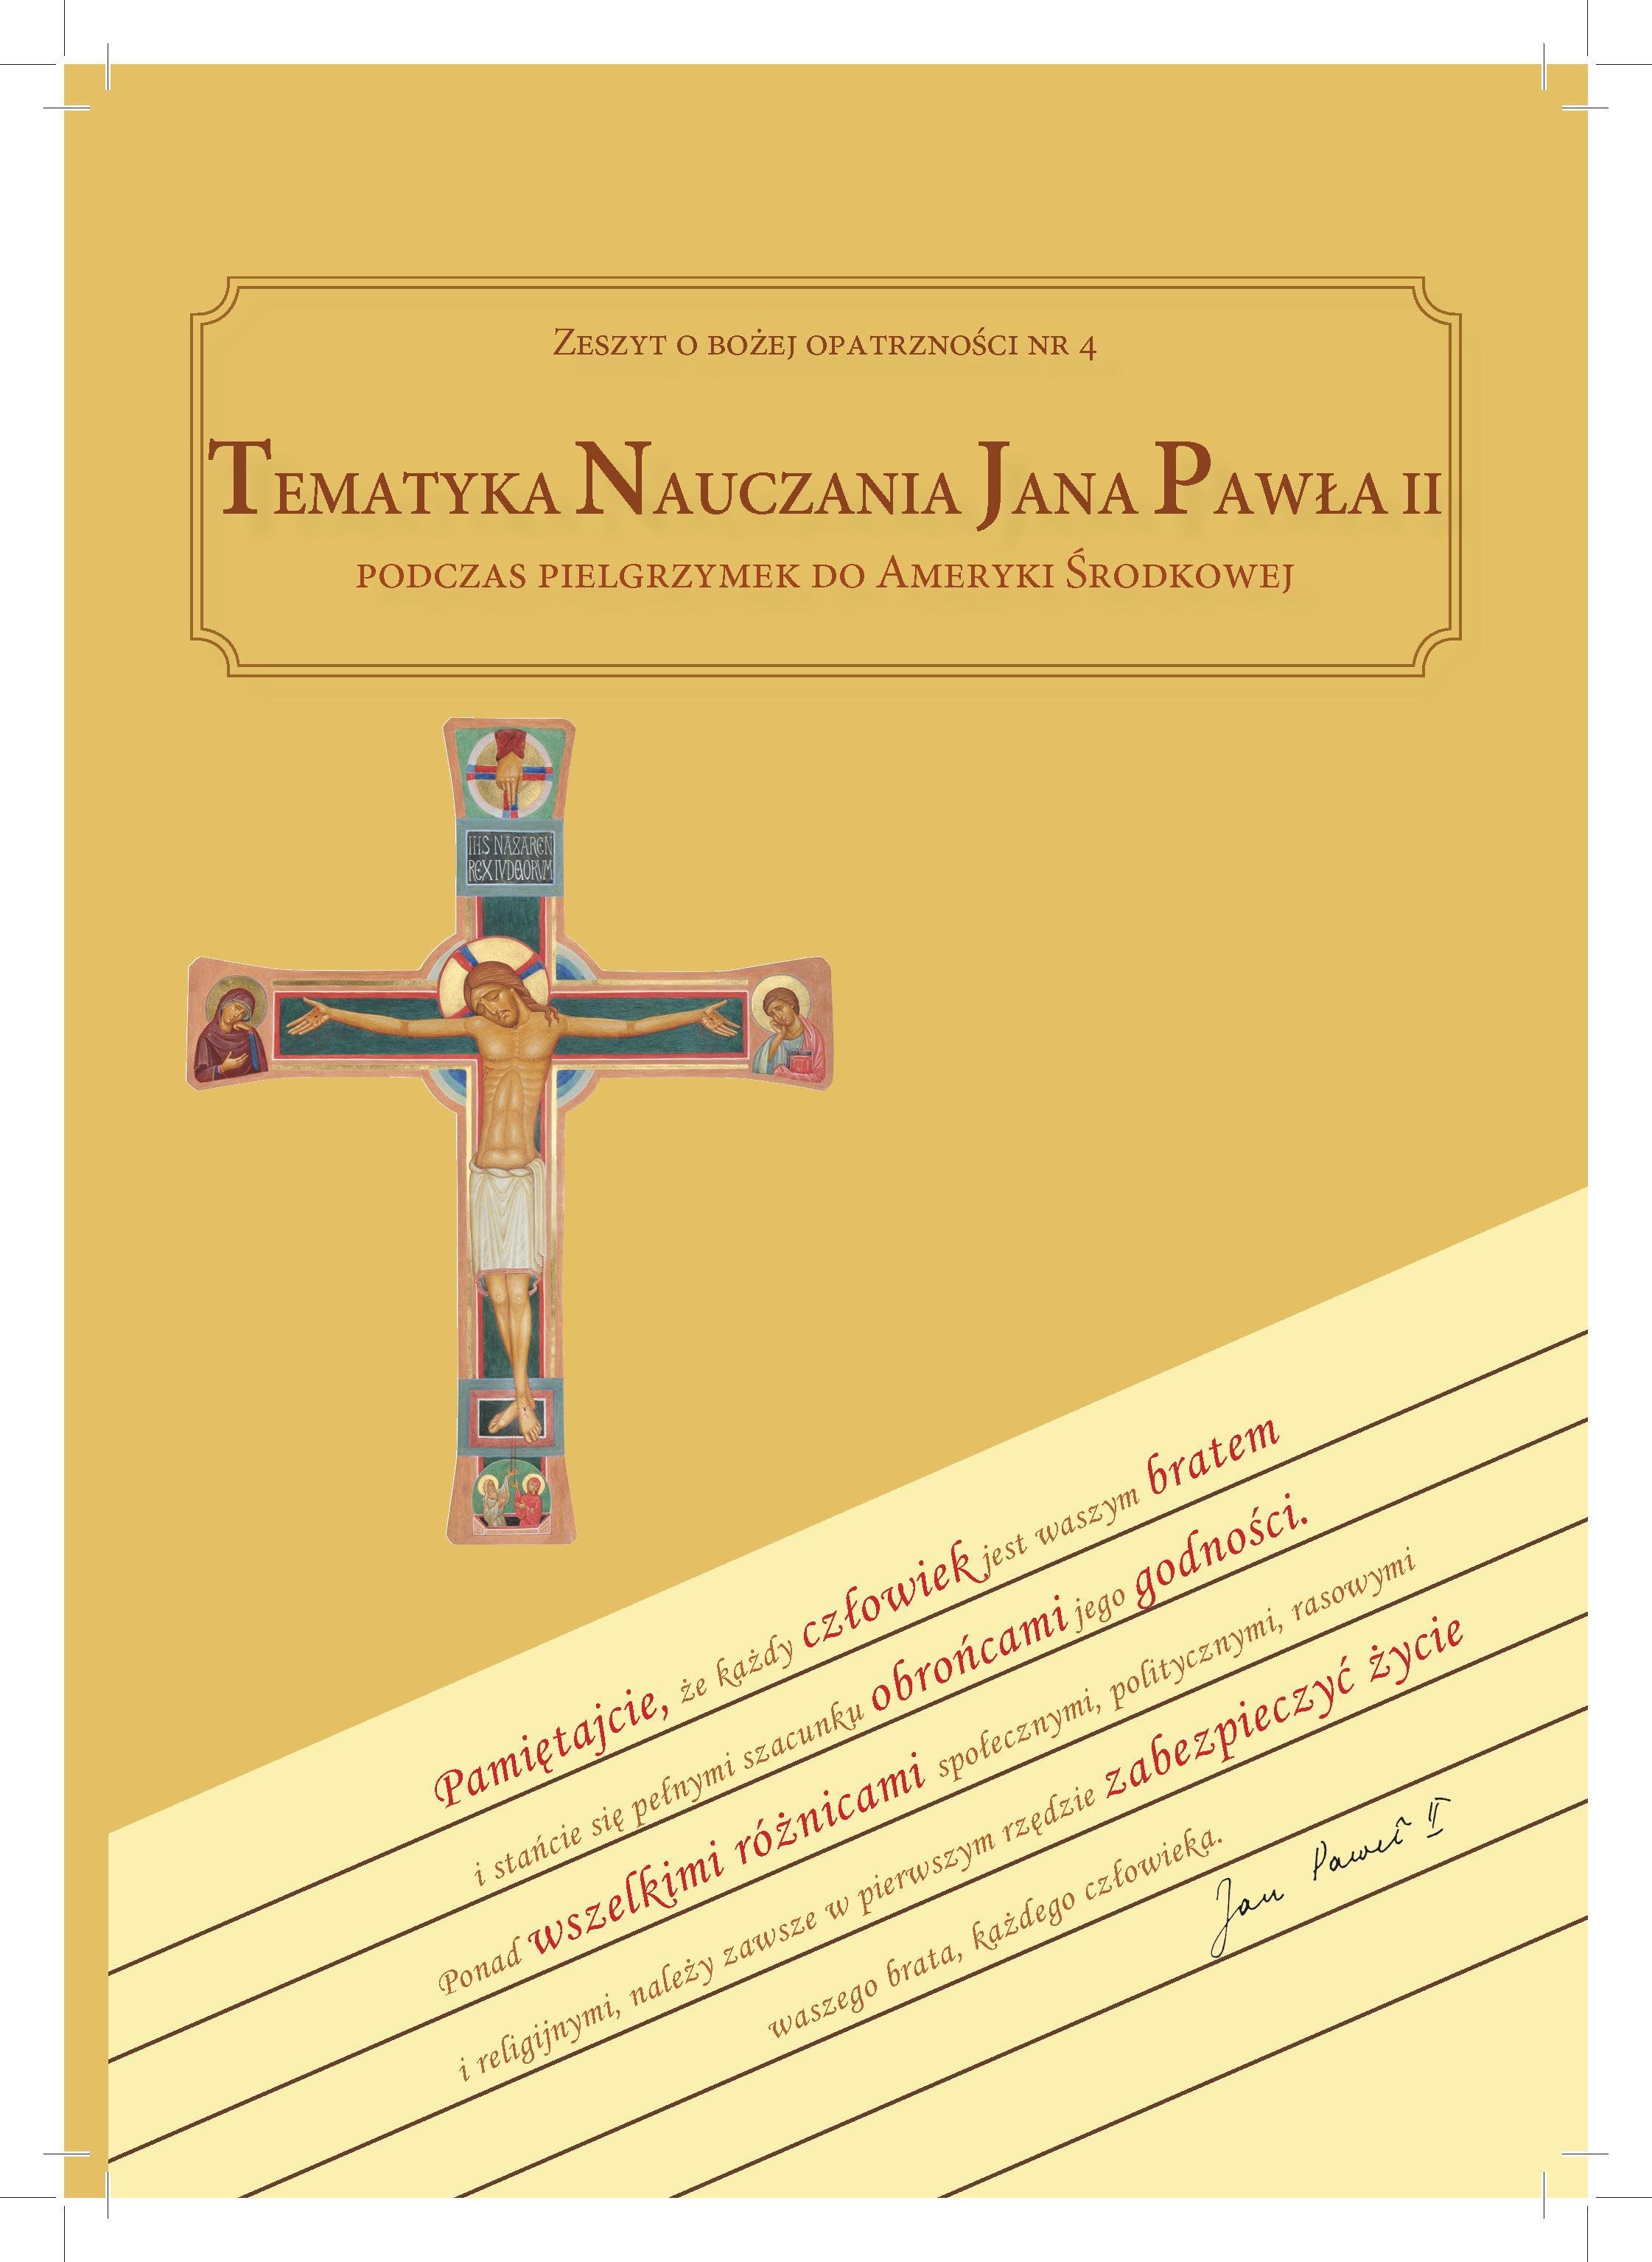 Zeszyt oBożej Opatrzności nr4: Tematyka nauczania Jana Pawła II podczas pielgrzymek doAmeryki Środkowej